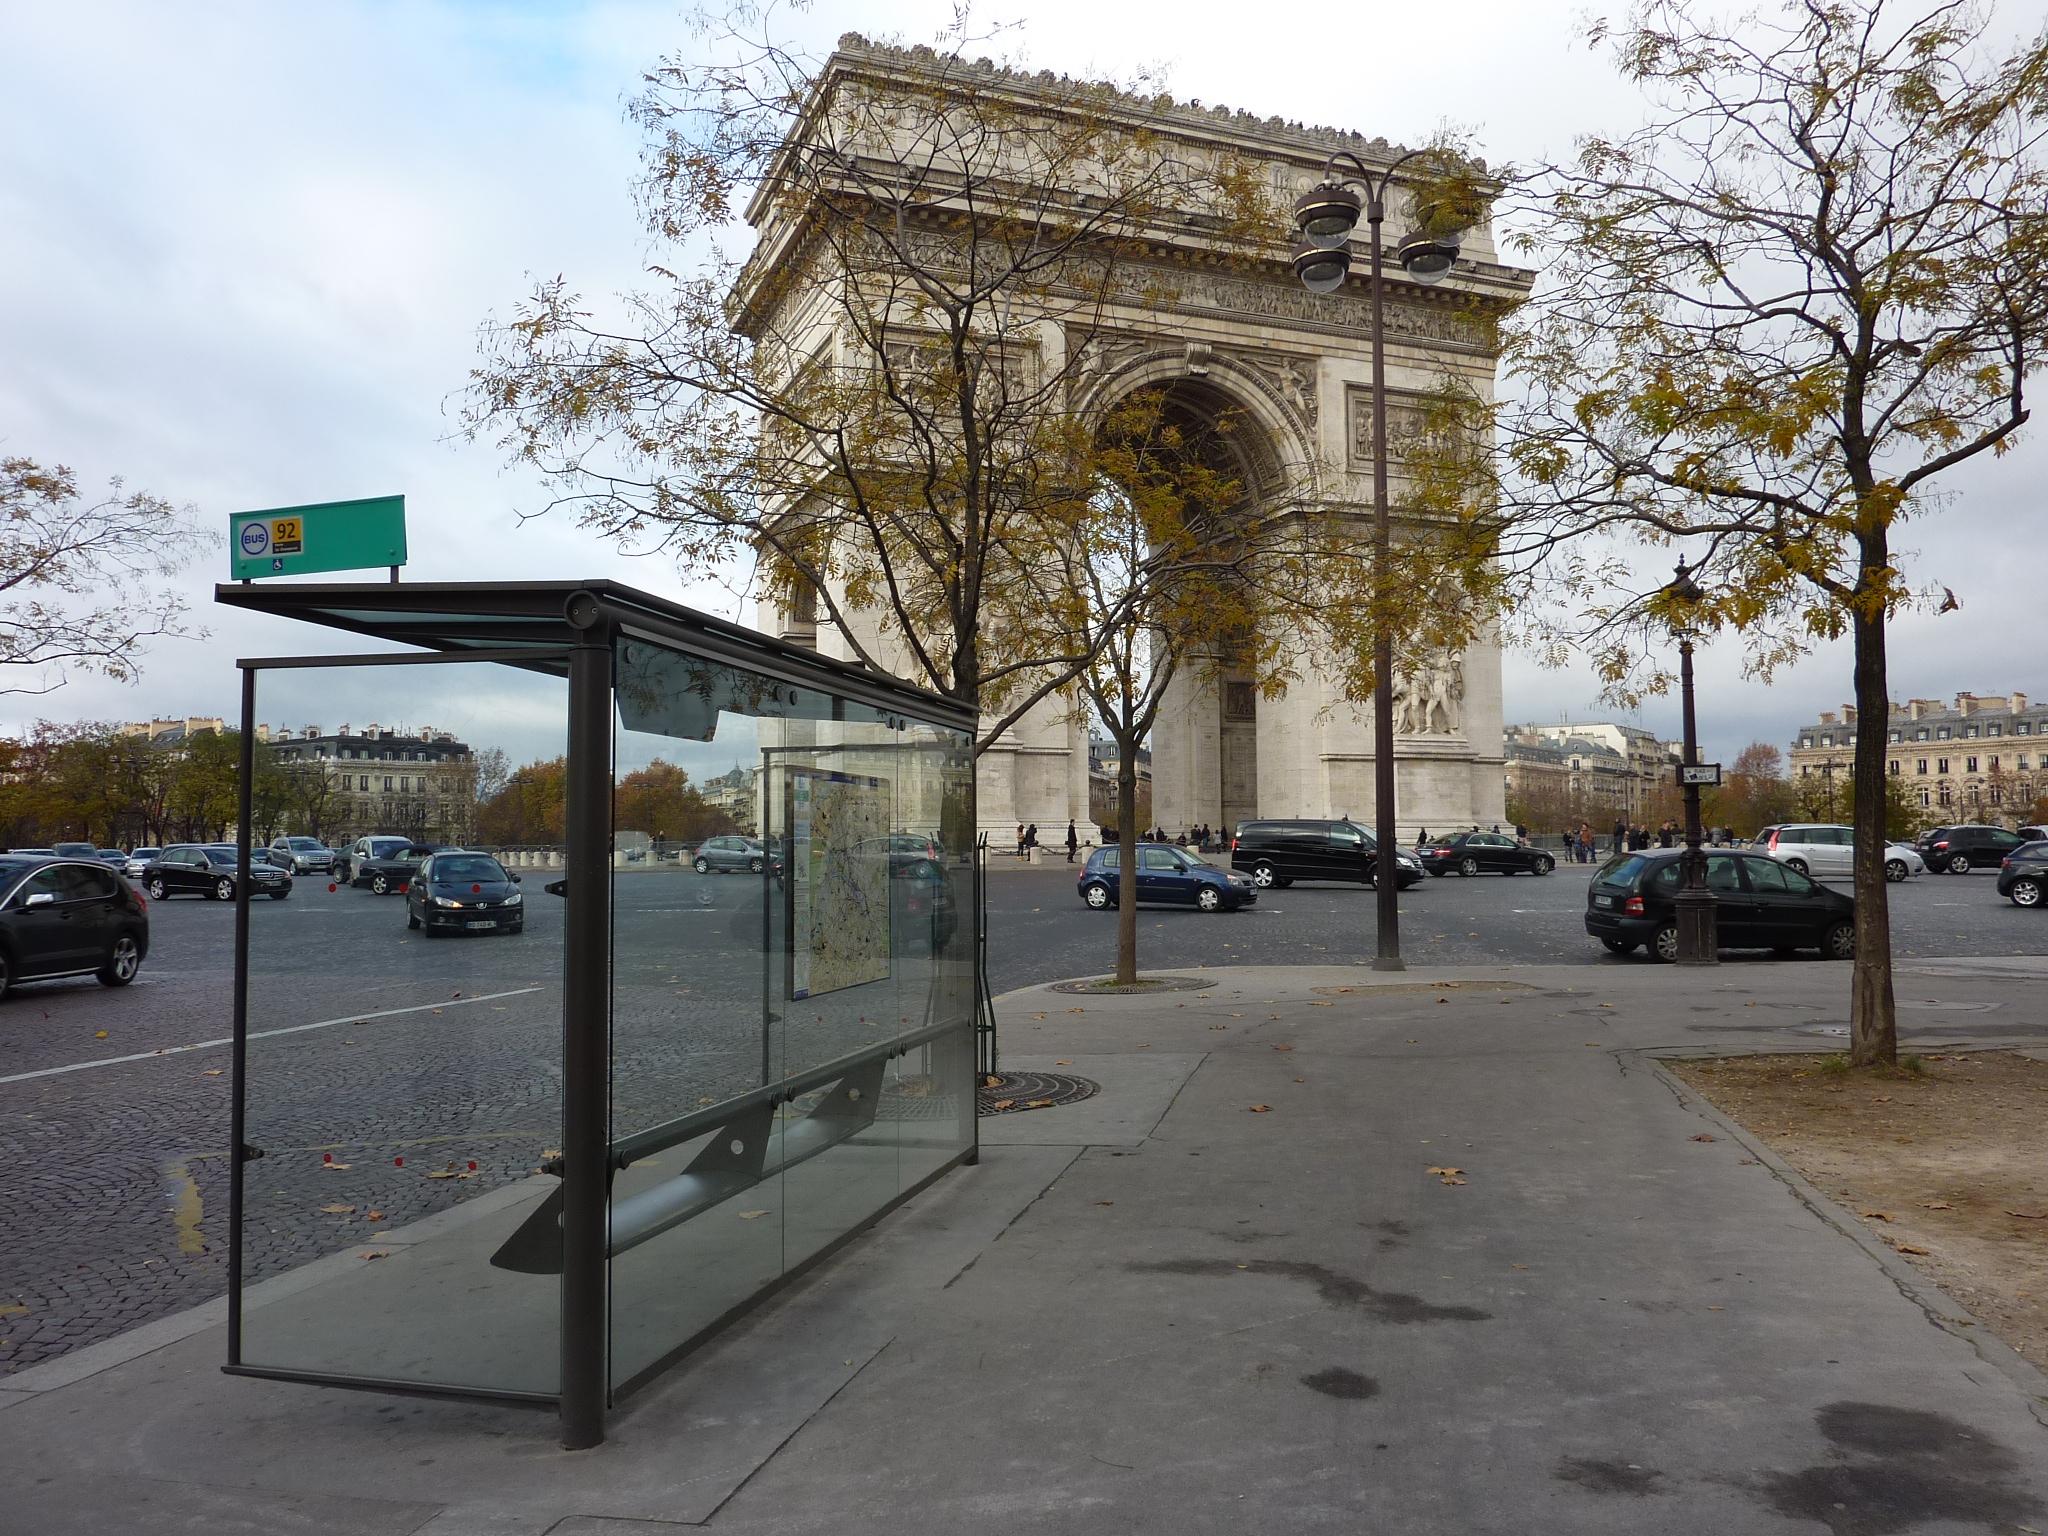 Francie, Paříž, Vítězný oblouk, 27.11.2011